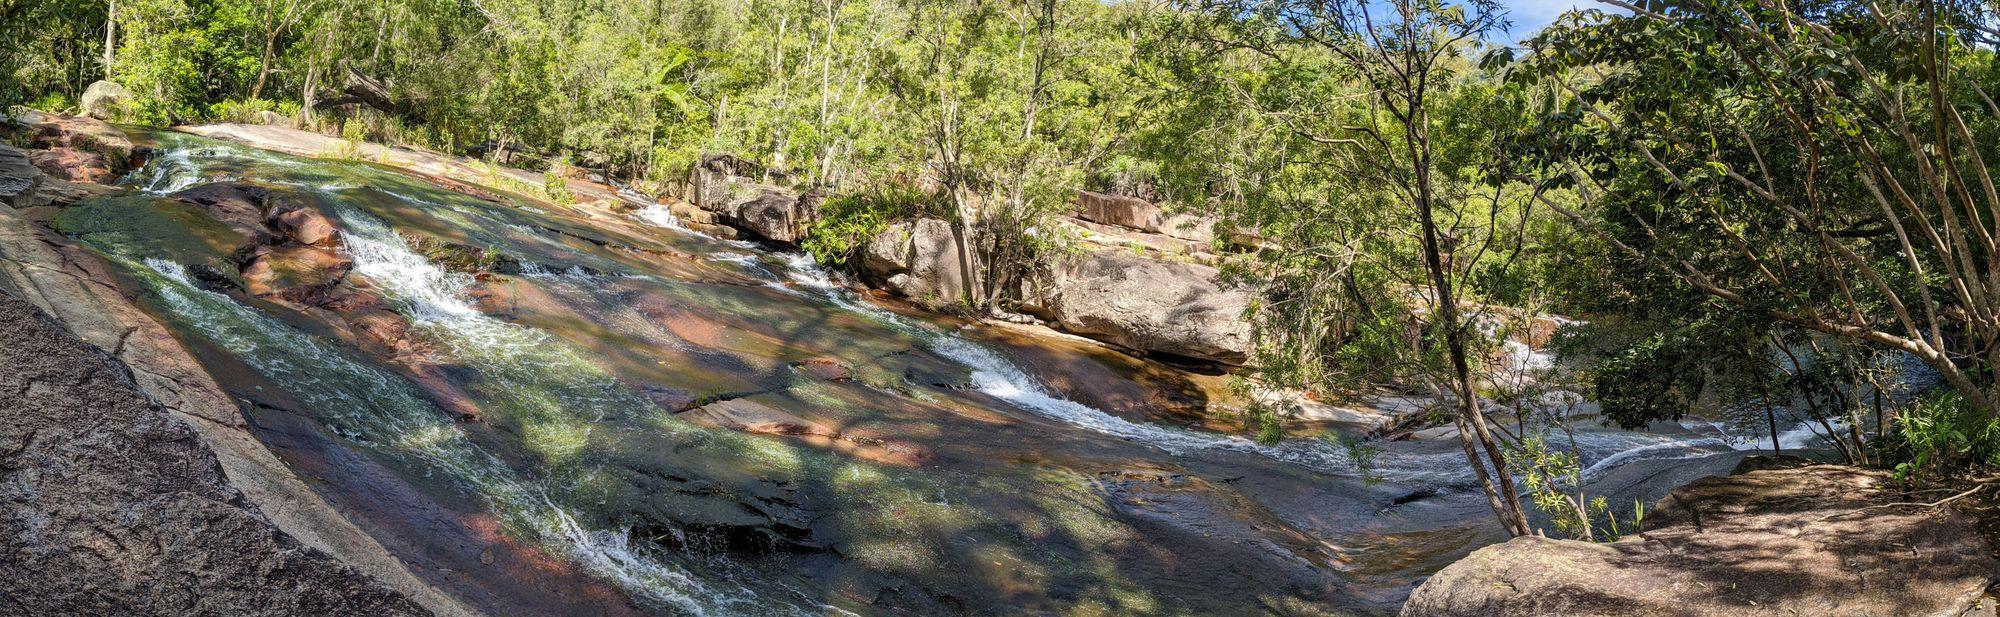 the rock slides